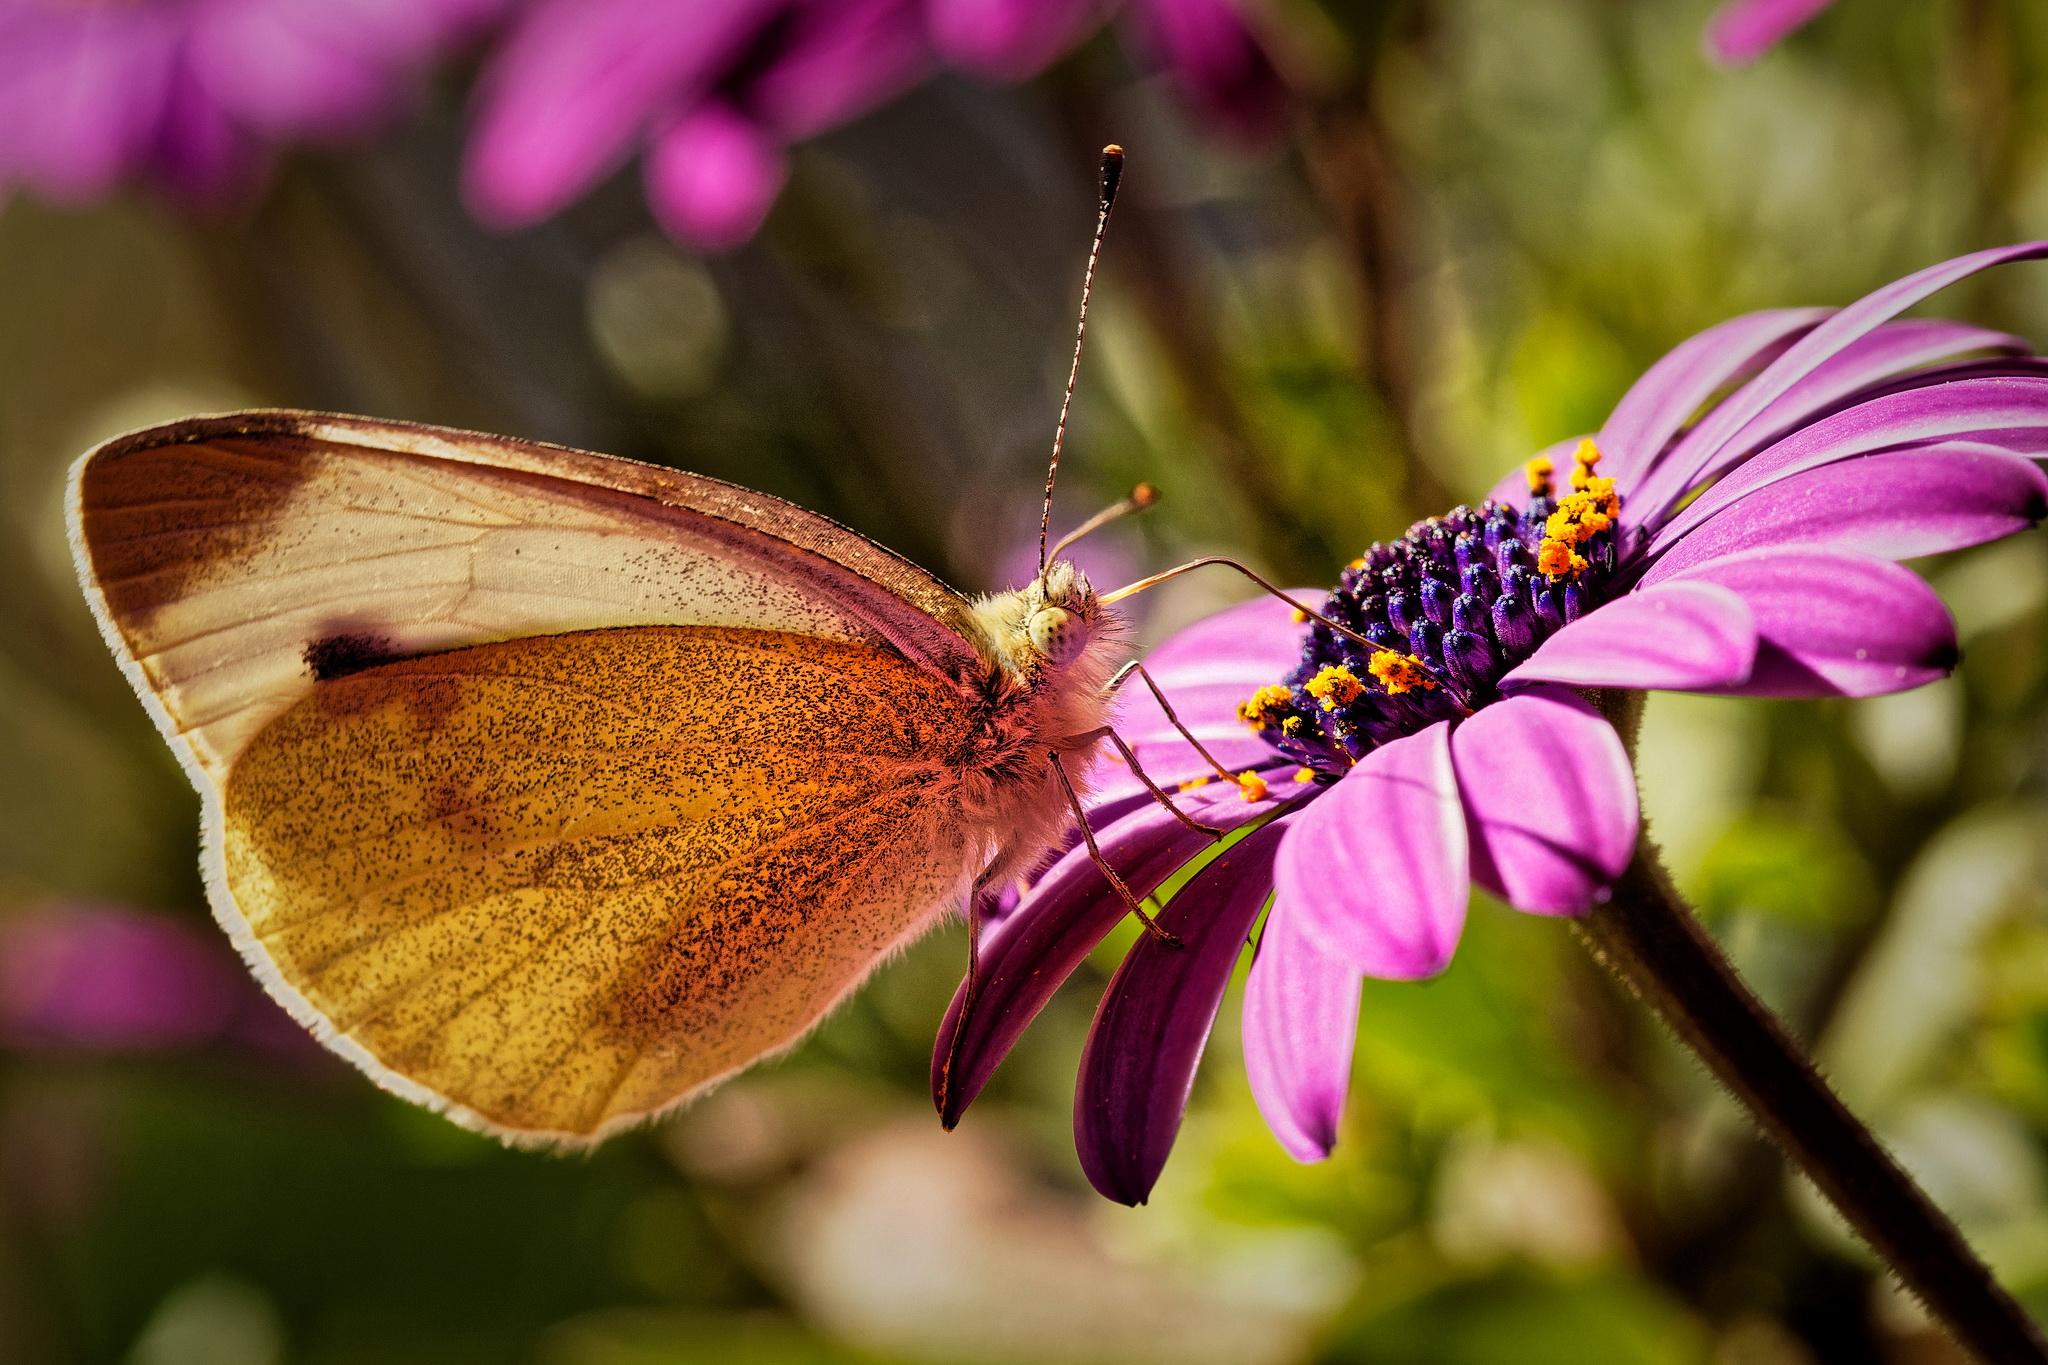 Schmetterling am späten Nachmittag